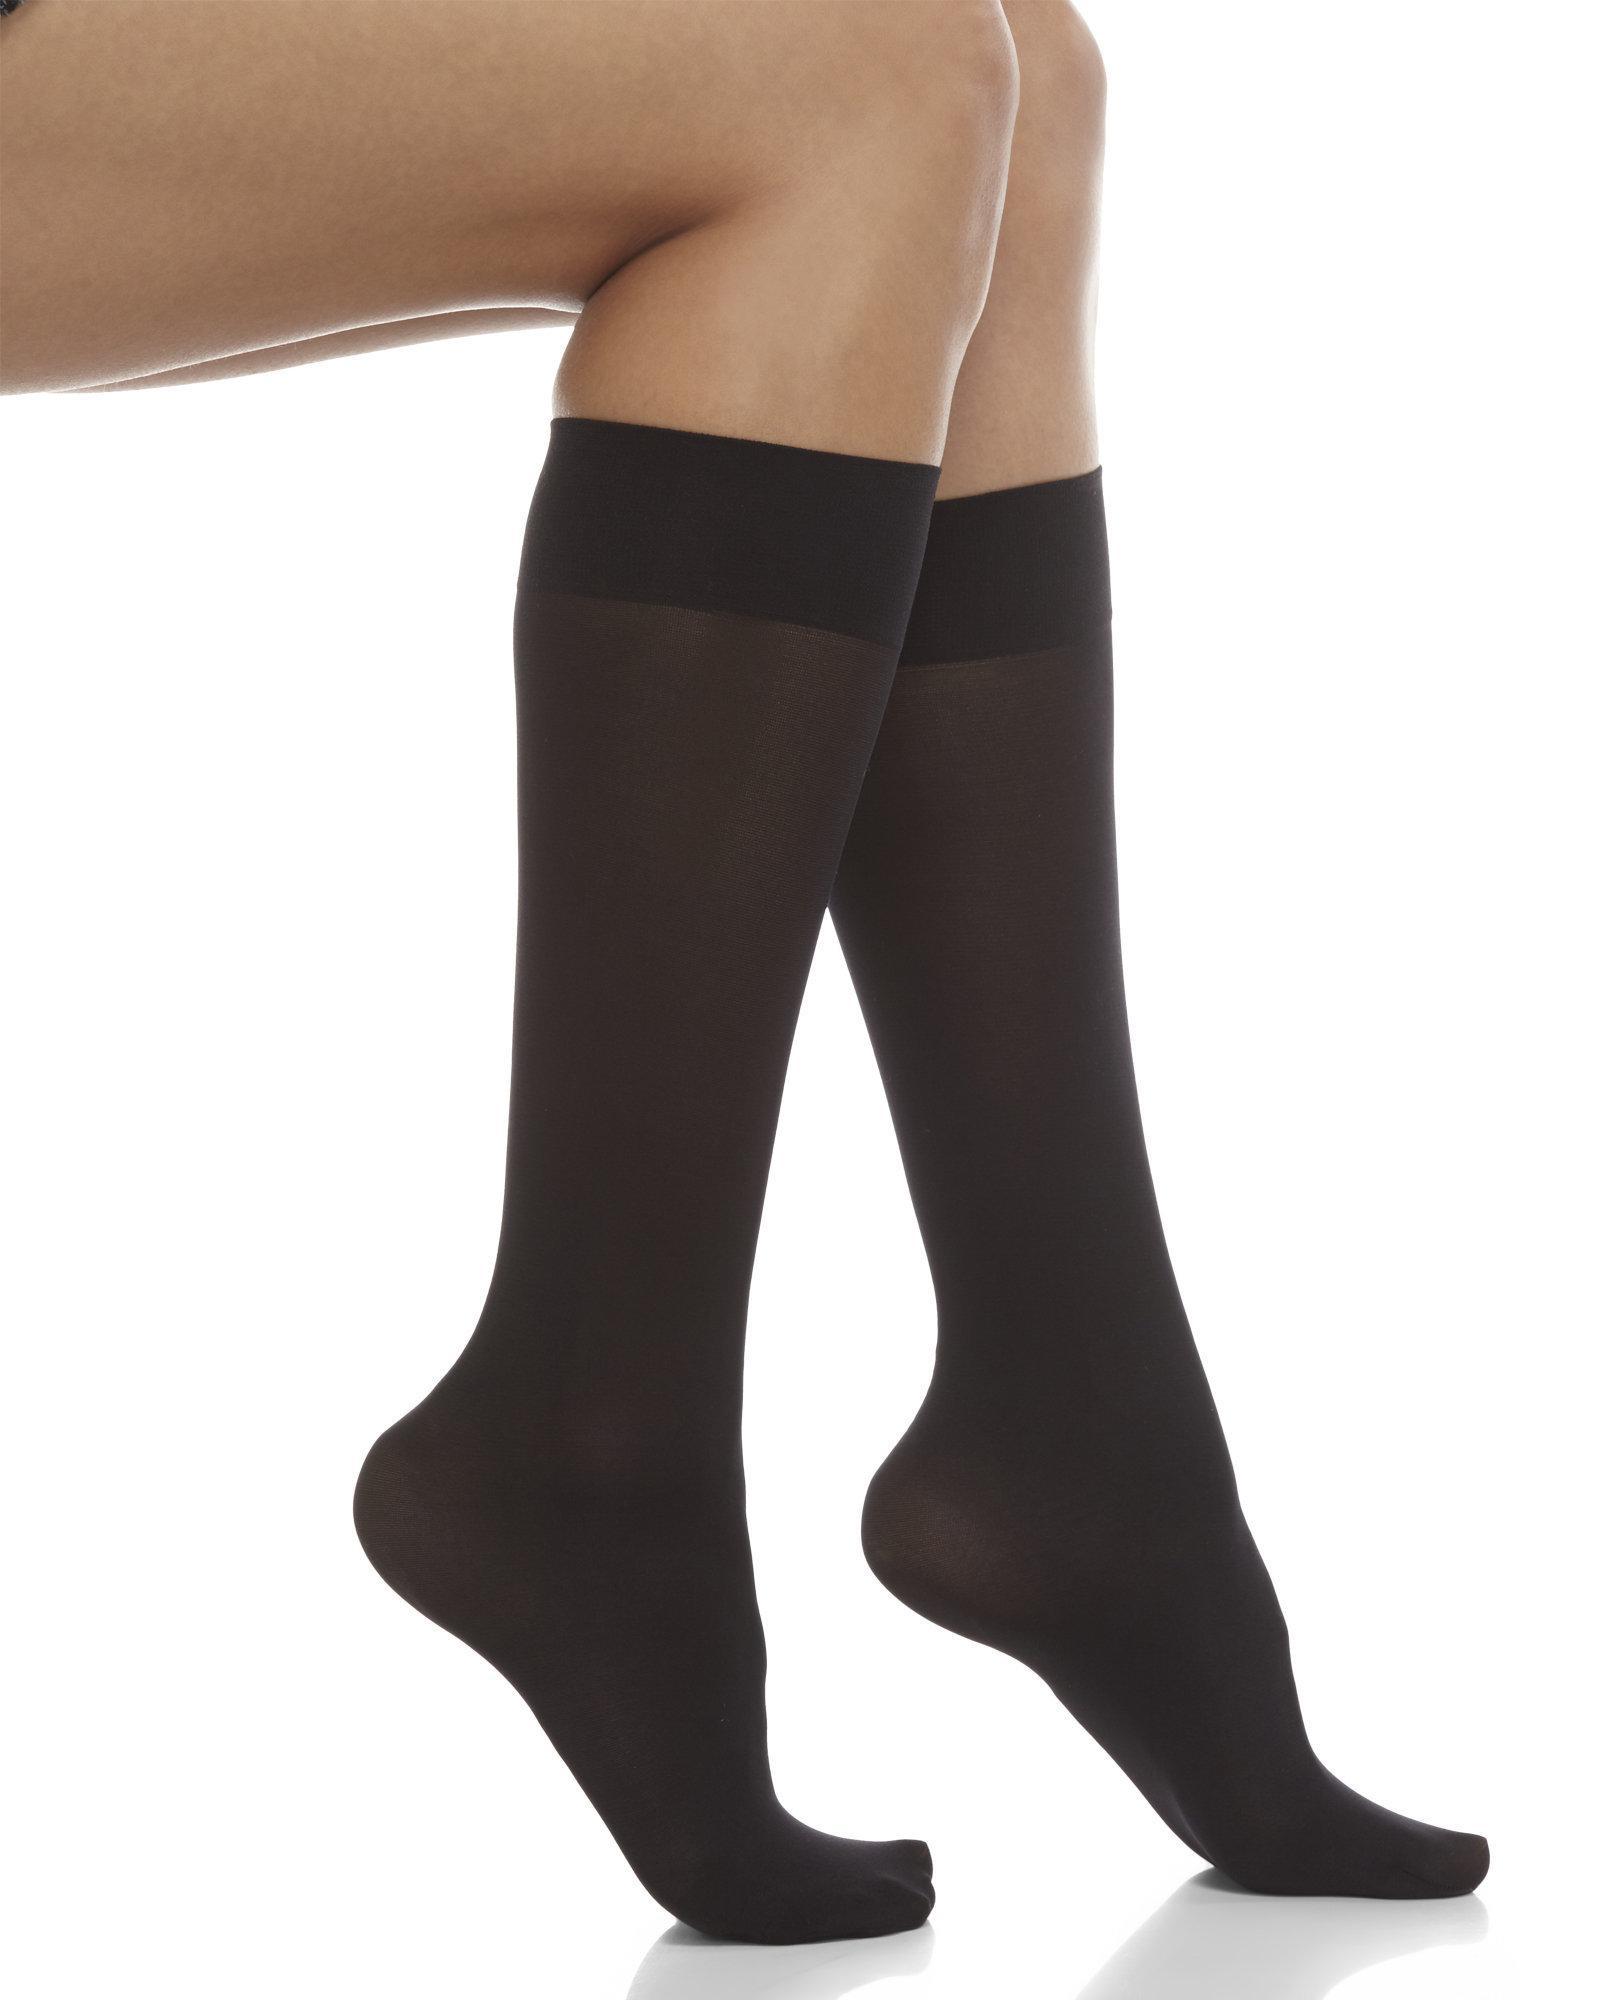 40e12423256 Lyst Hue 3 Pack Opaque Knee High Trouser Socks In Black